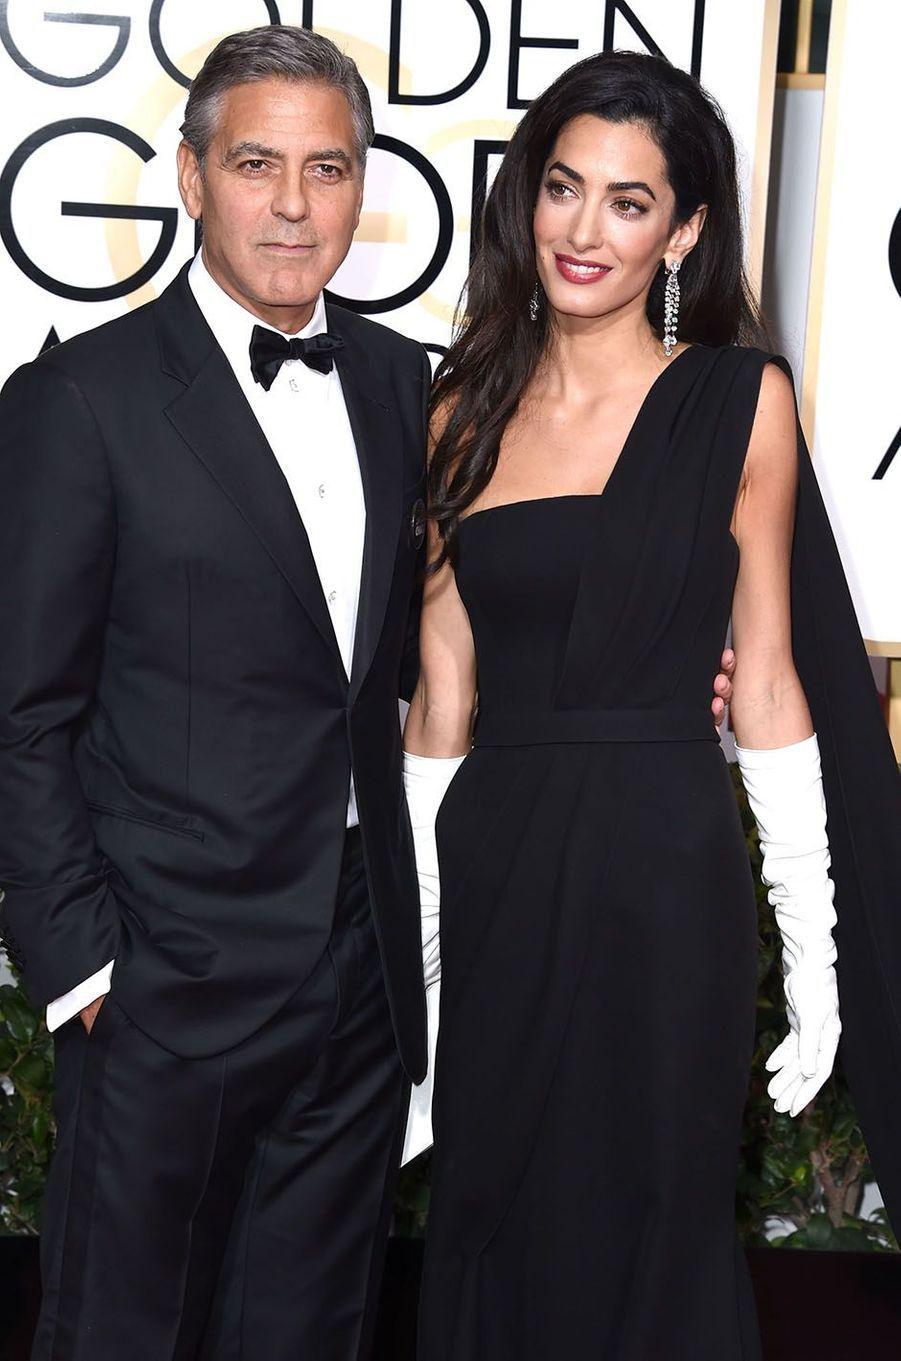 George Clooney et son épouse Amal en 2015.